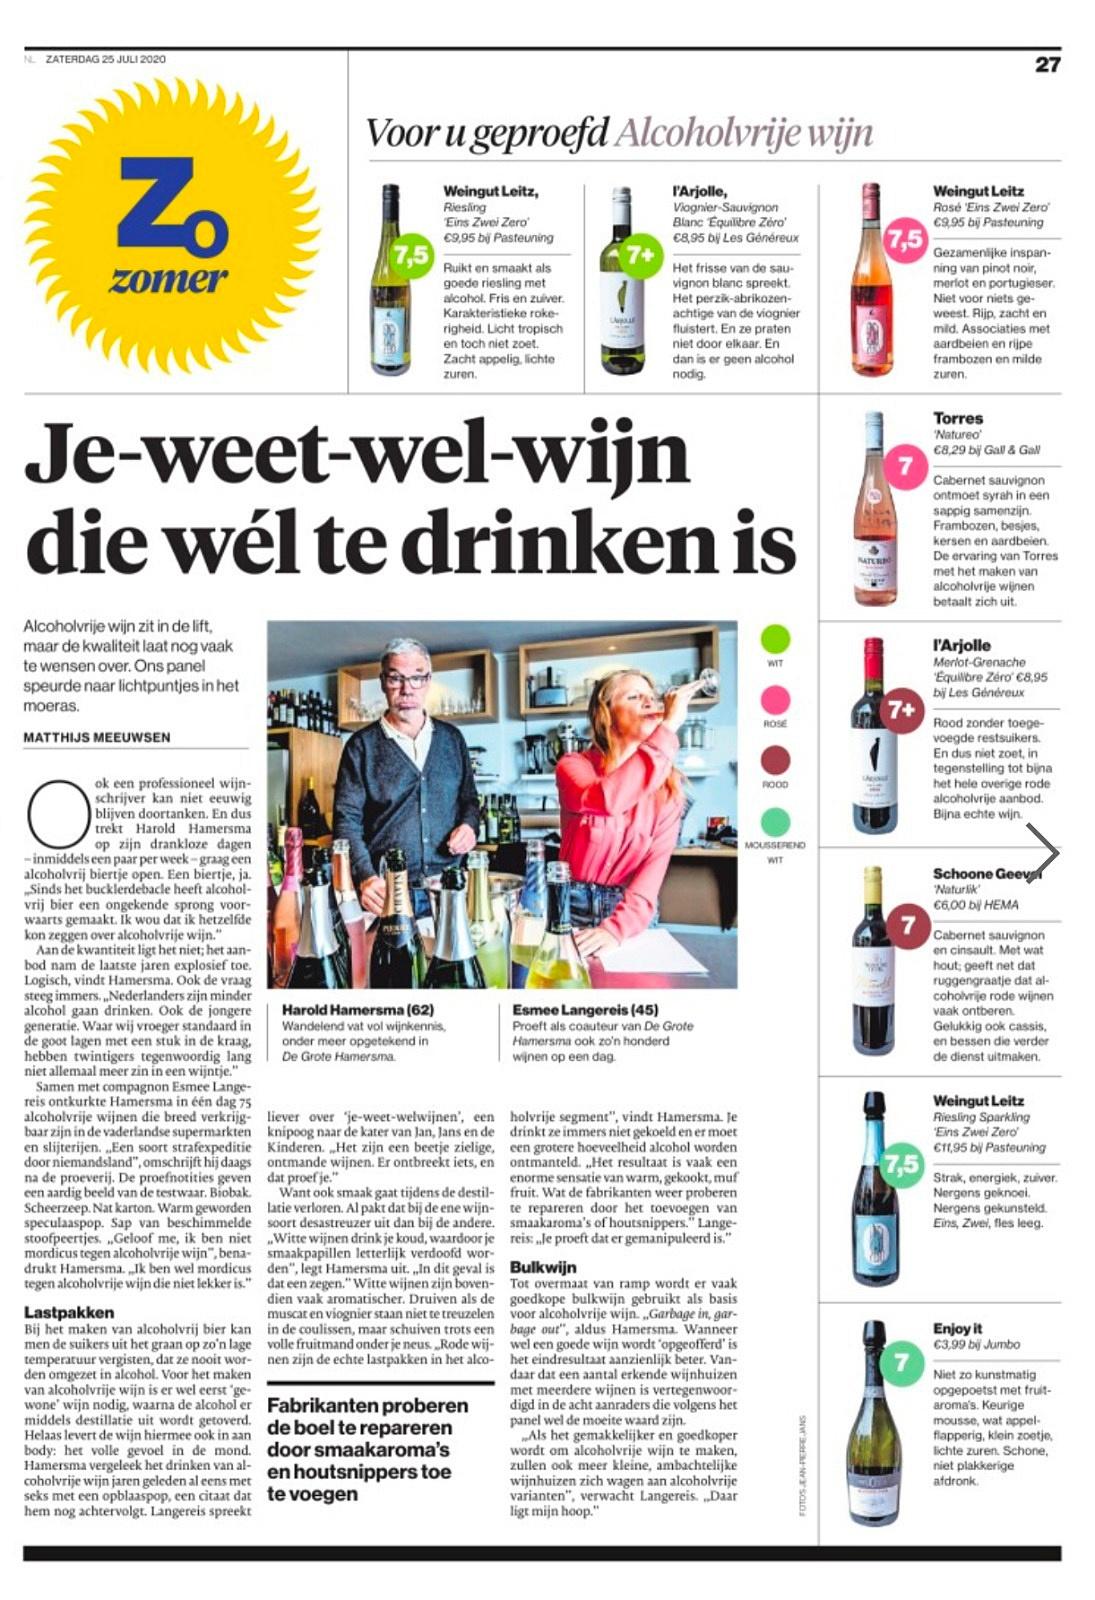 Wijntest AD